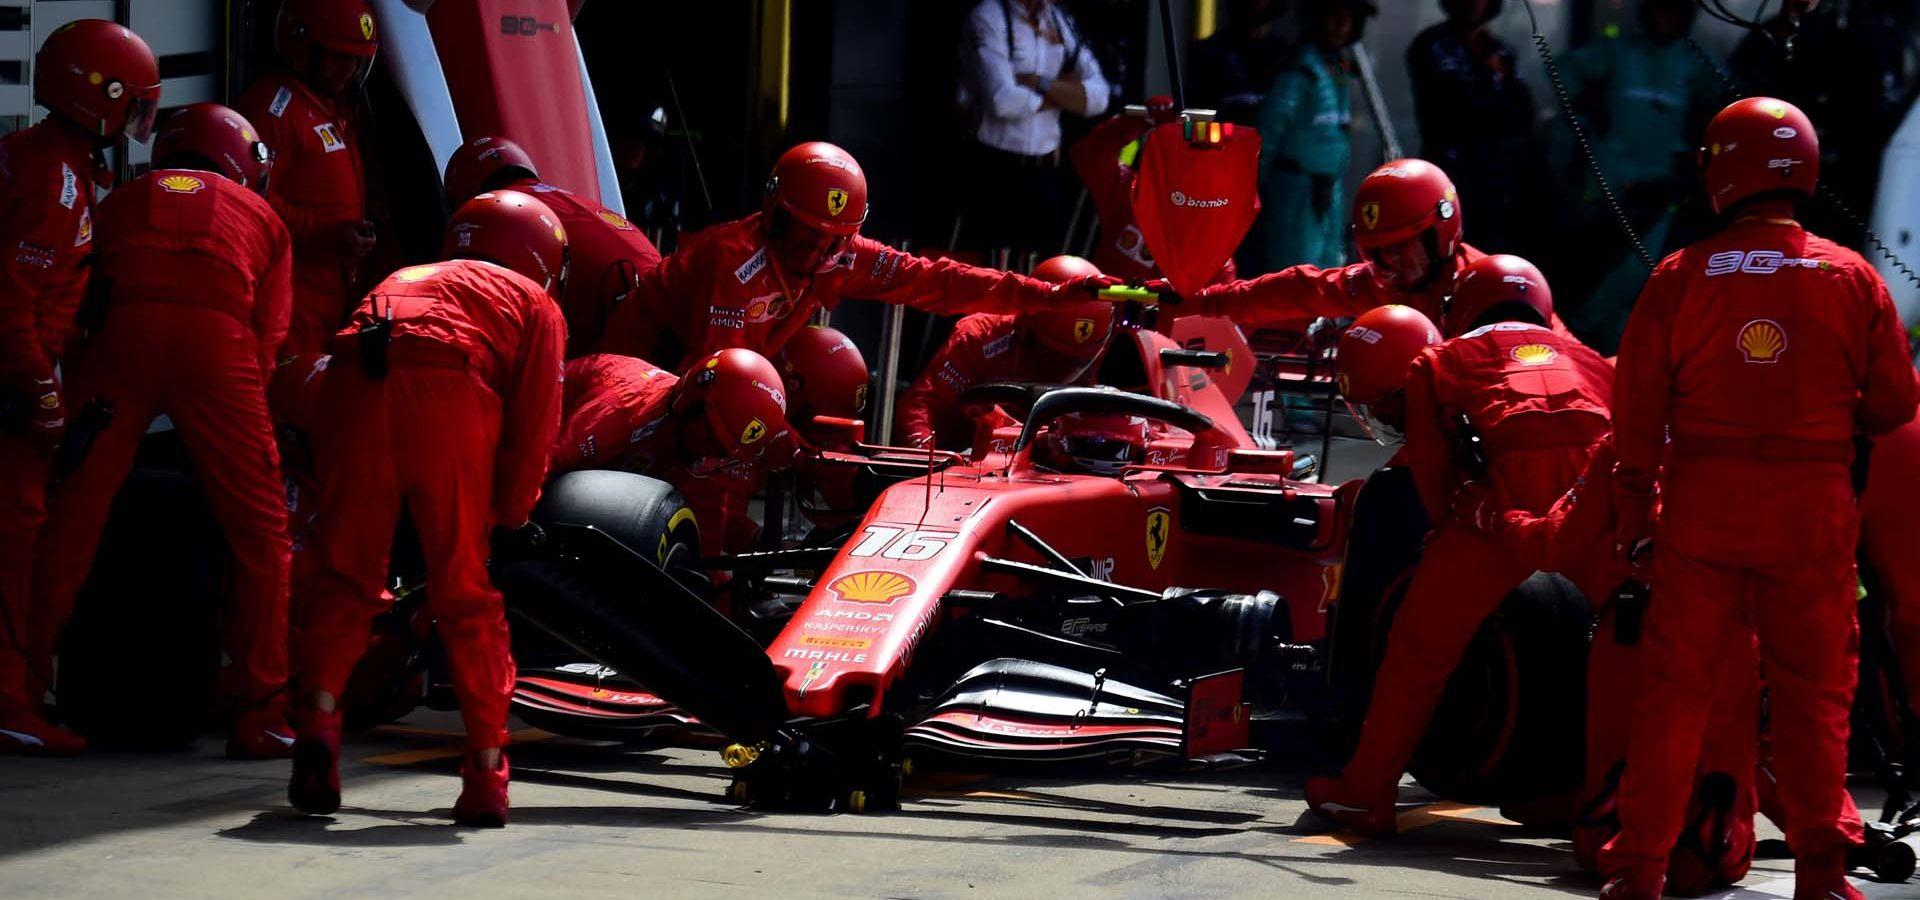 GP GRAN BRETAGNA F1/2019 - DOMENICA 14/07/2019 credit: @Scuderia Ferrari Press Office Charles Leclerc pitstop